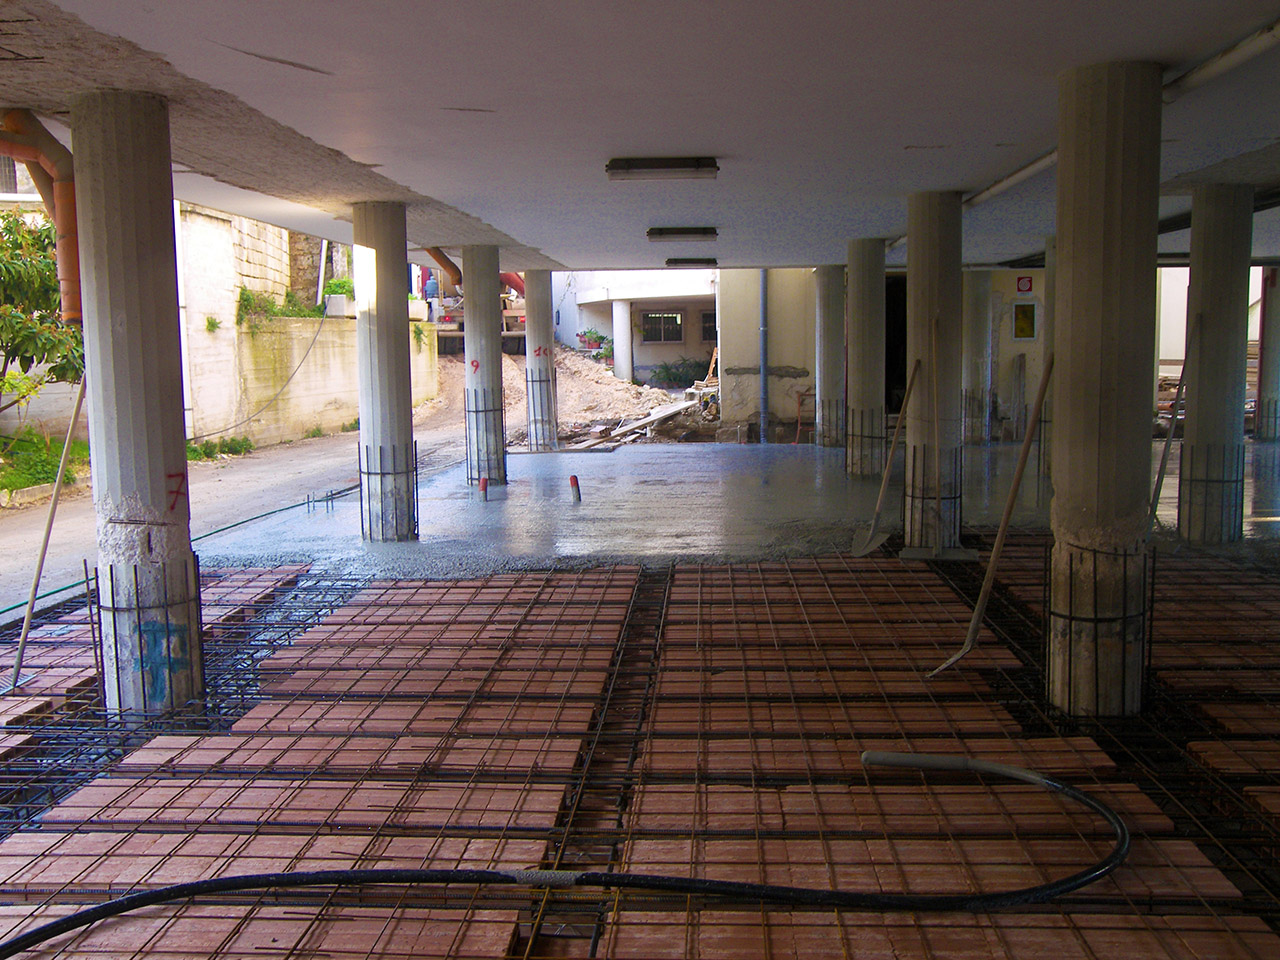 costruzioni restauri sirio ostuni consolidamento strutturale fondazioni suglia passeri rutigliano 100 3844 1